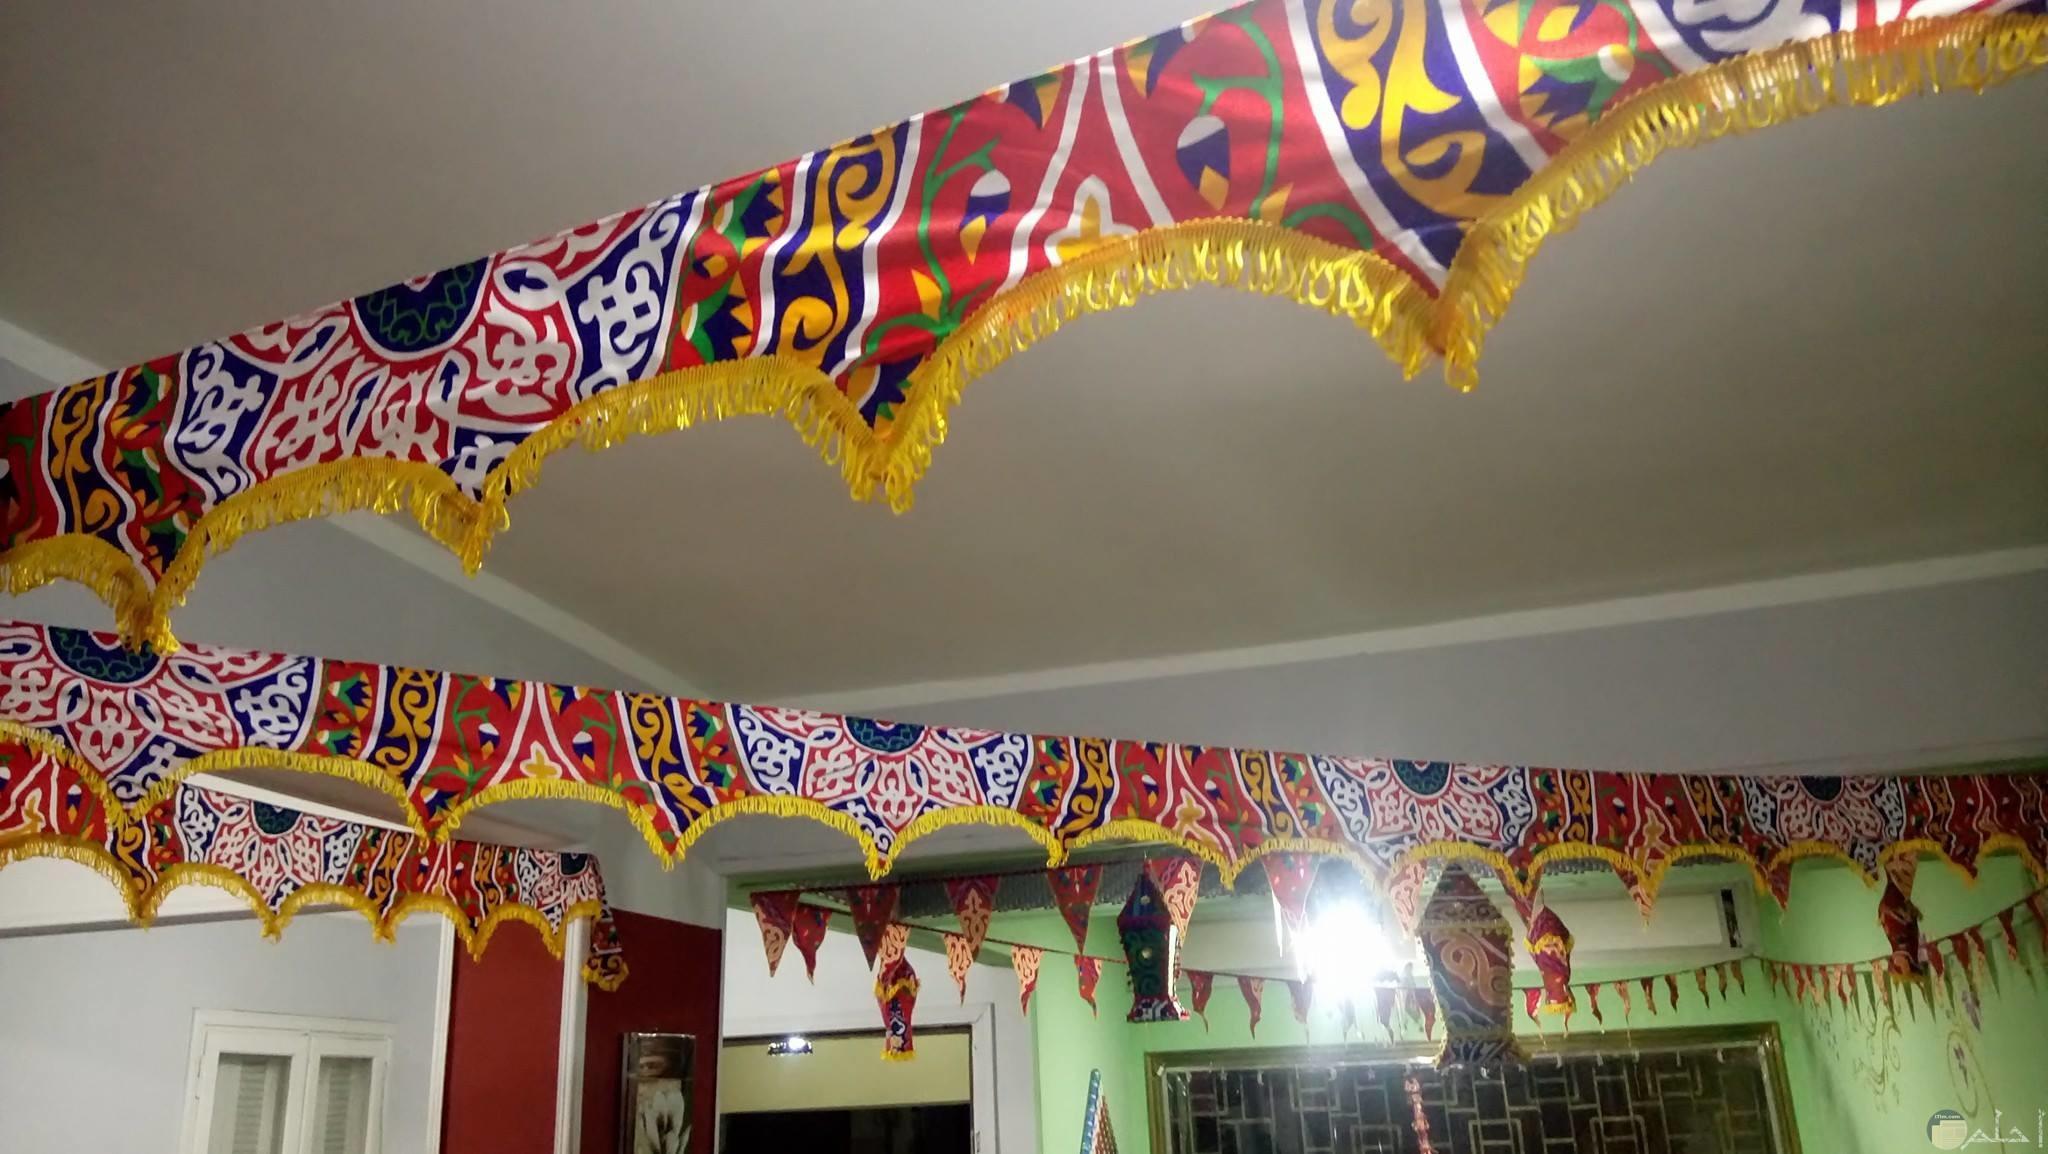 زينة رمضان معلقة فى السقف بها زخارف اسلامية